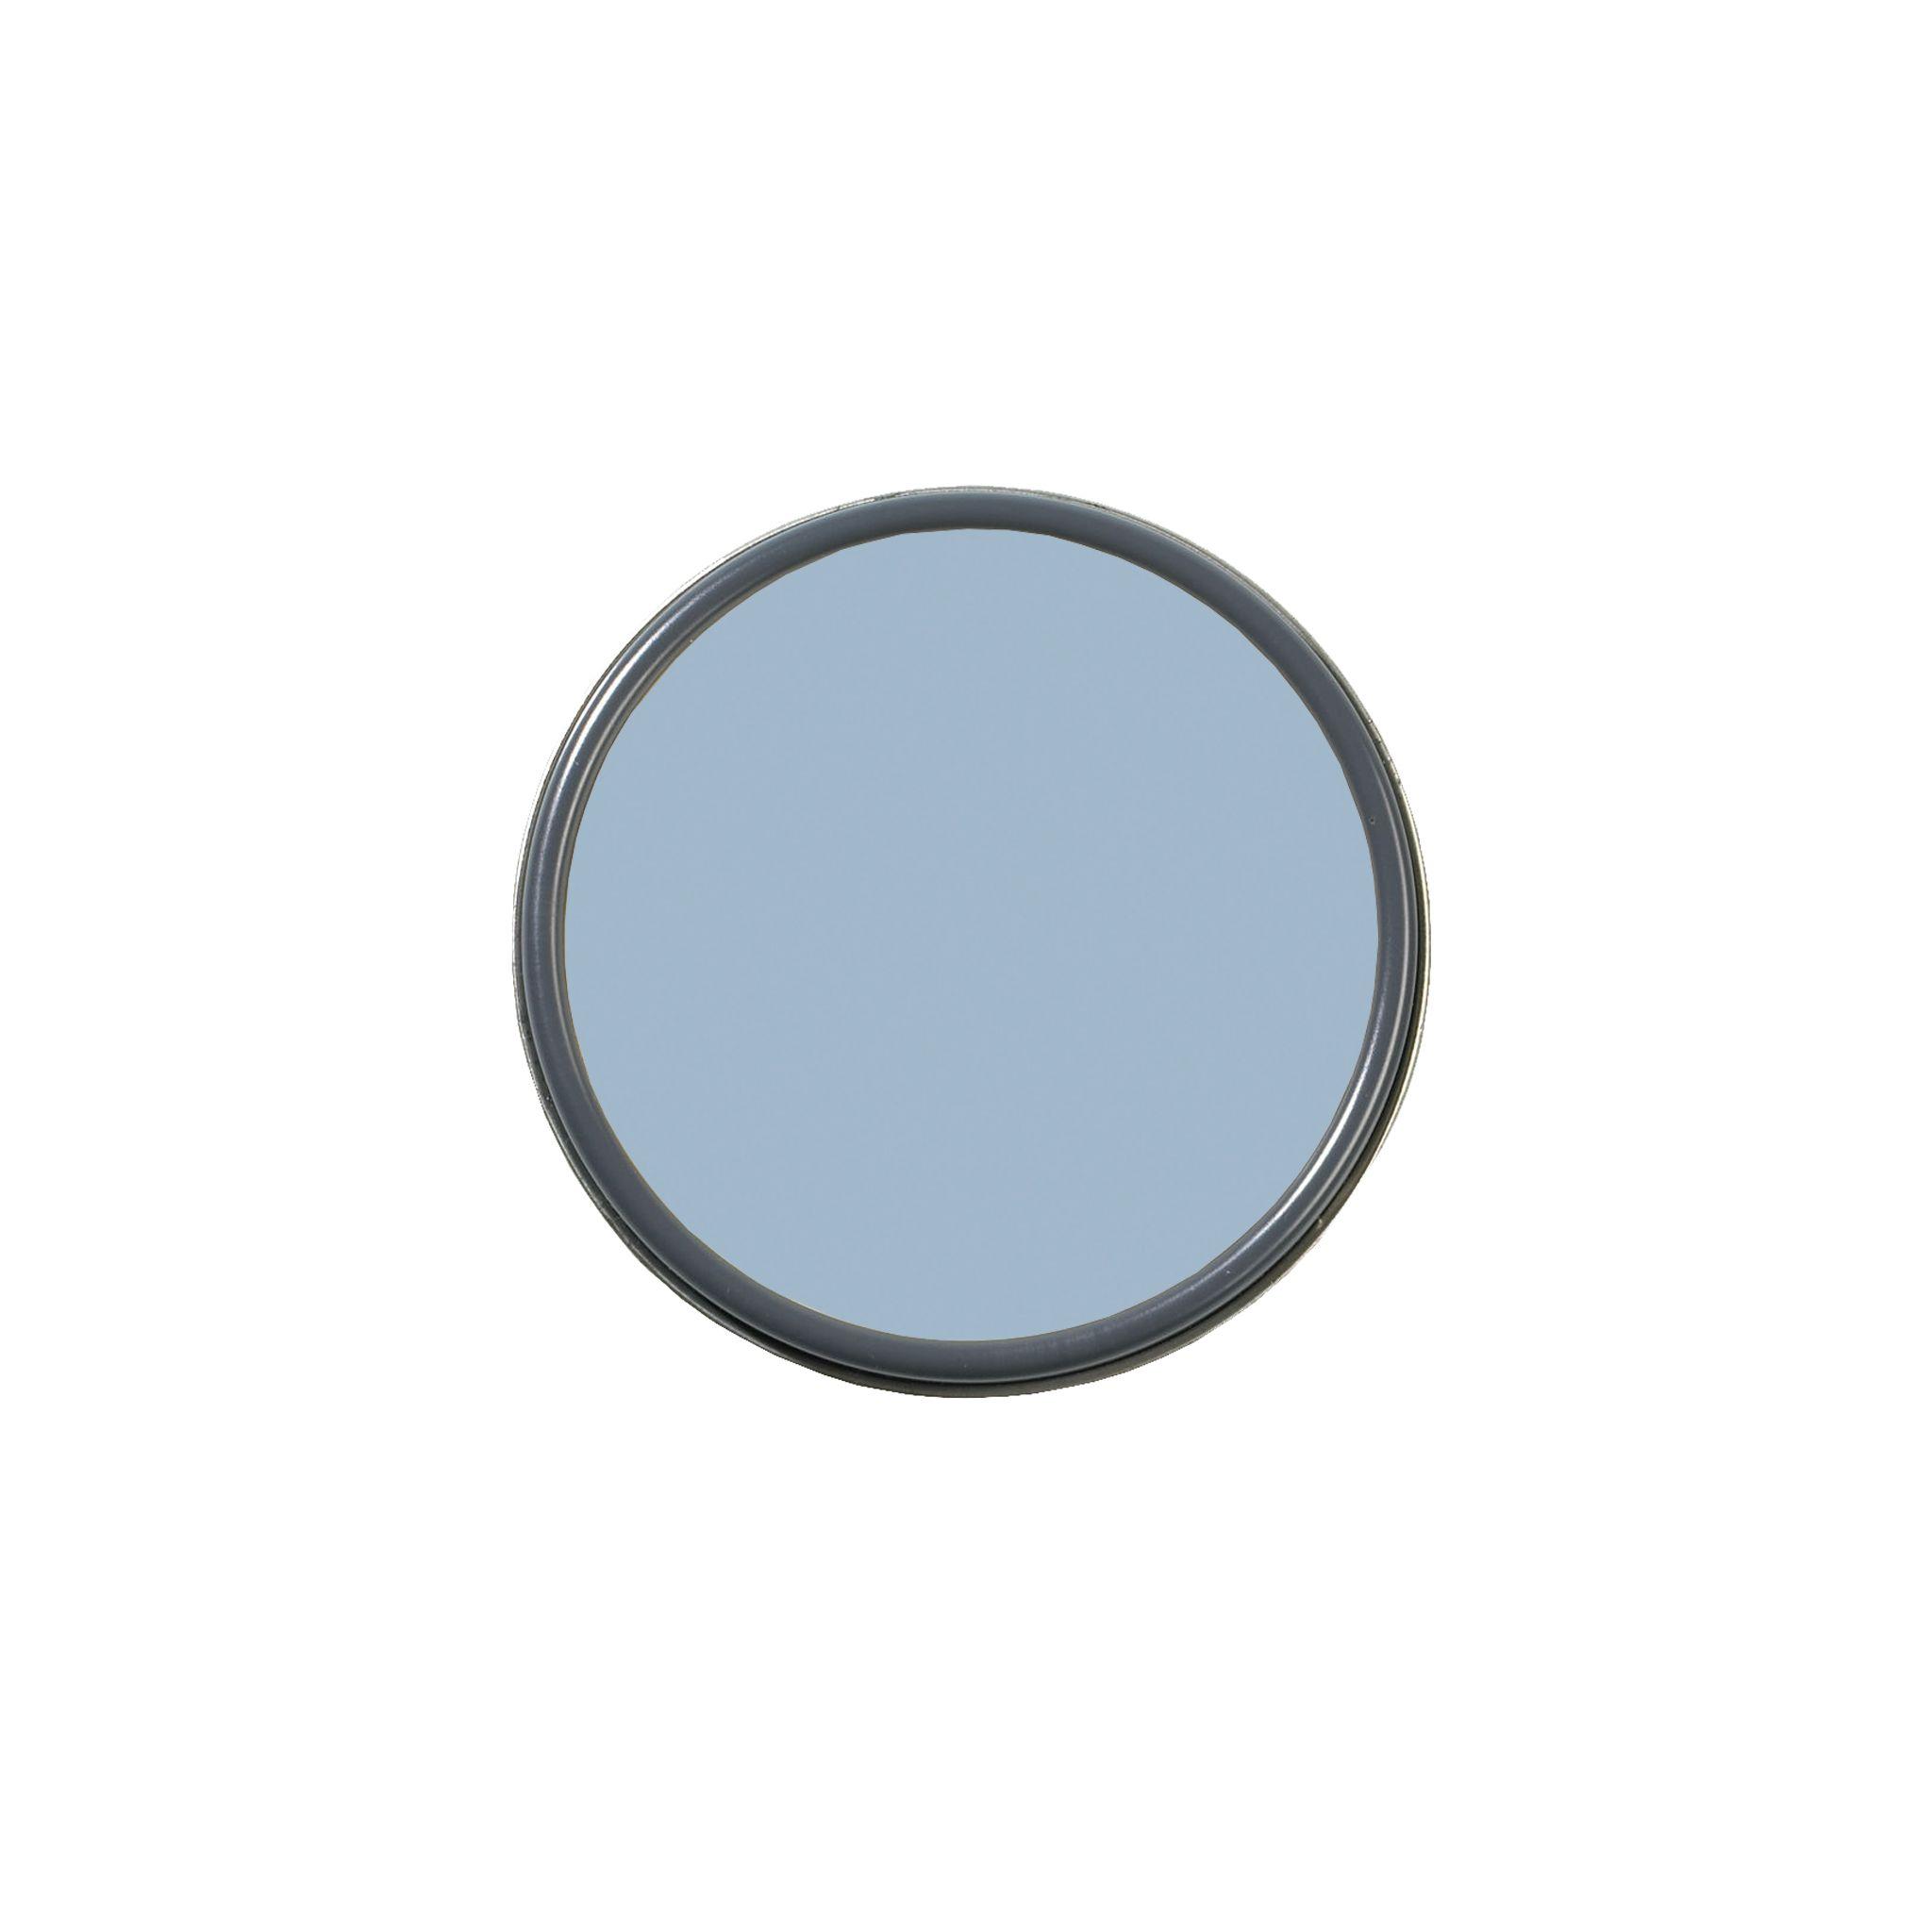 Farrow & Ball - Lulworth Blue